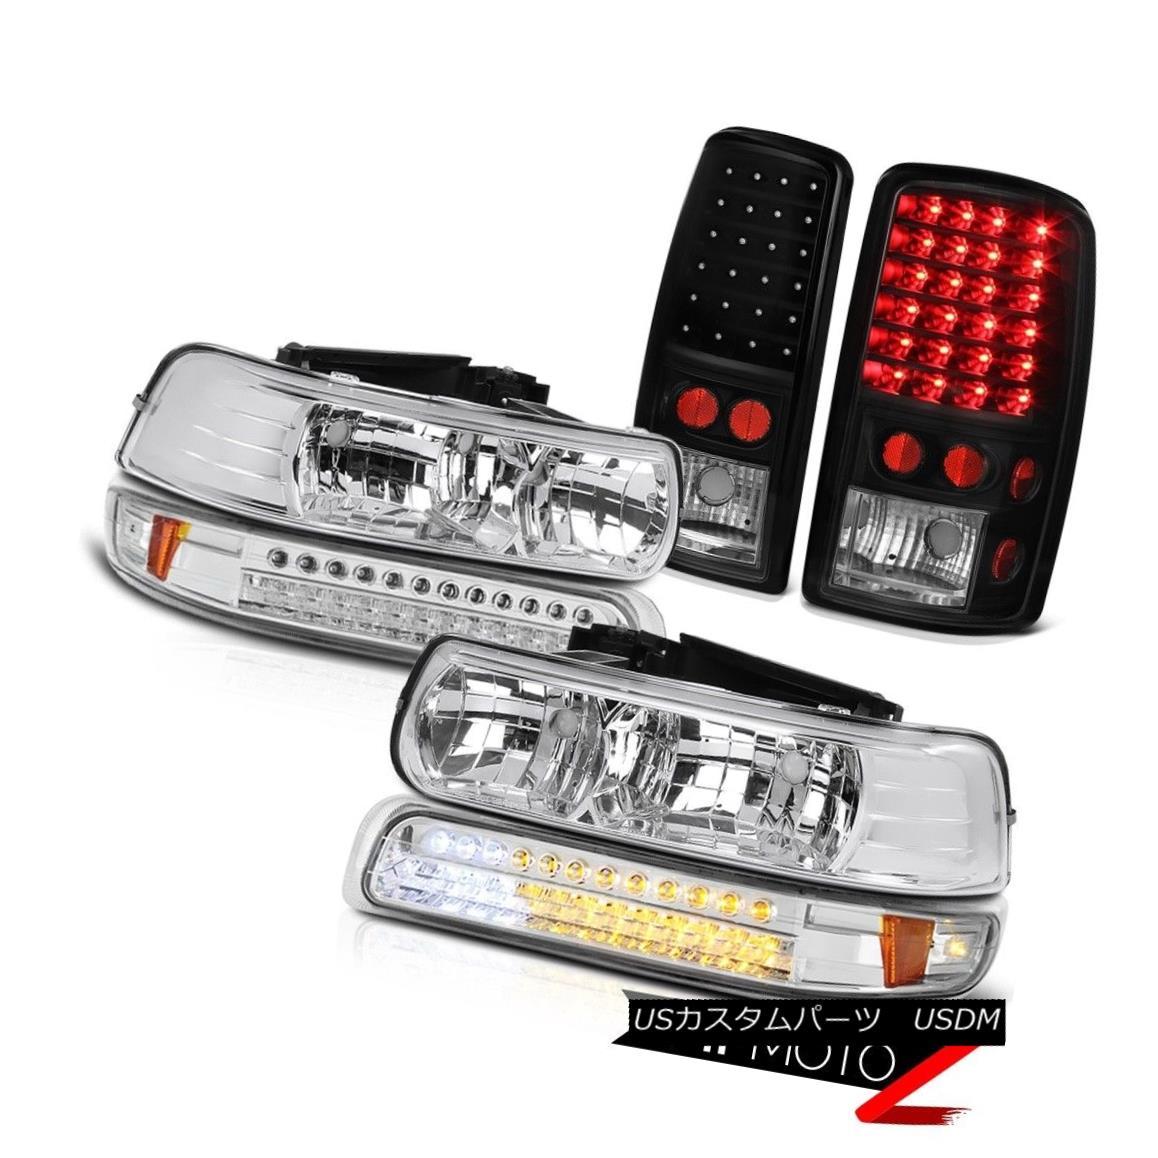 ヘッドライト 2000-2006 Chevy Tahoe Crystal Clear Headlamp SMD Chrome Parking Signal Taillight 2000-2006シボレータホクリスタルクリアヘッドランプSMDクロームパーキング信号尾灯